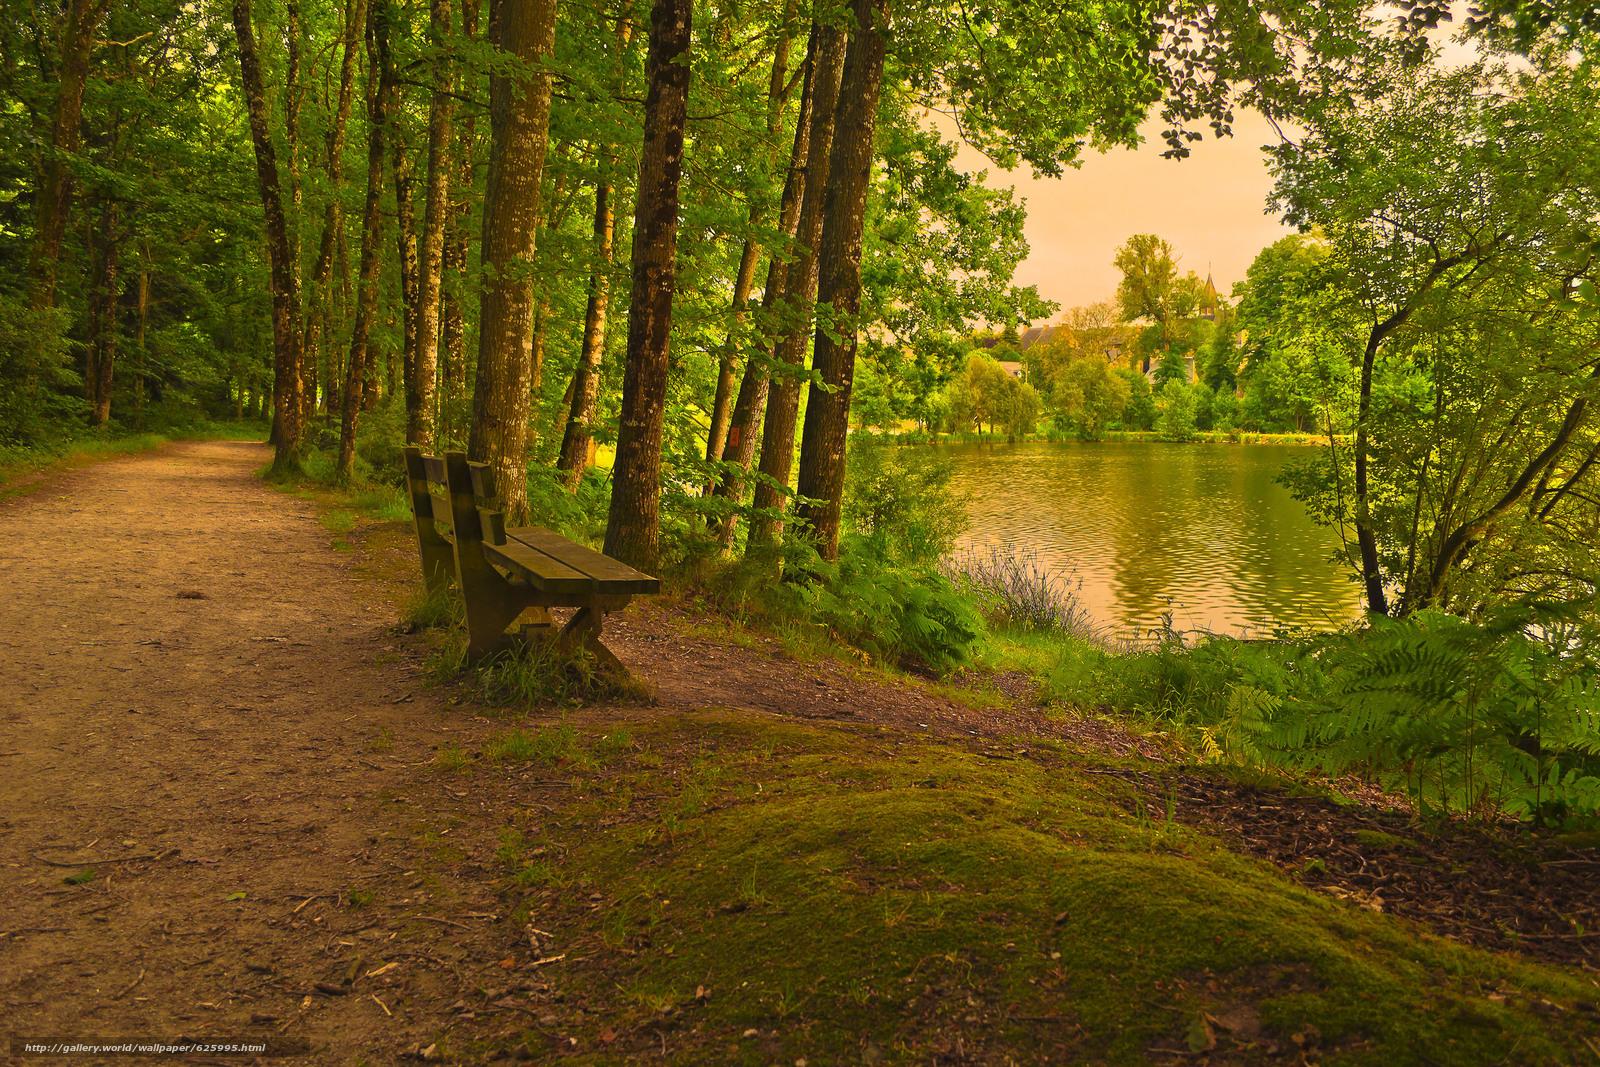 下载壁纸 公园, 森林, 道路, 湖 免费为您的桌面分辨率的壁纸 3072x